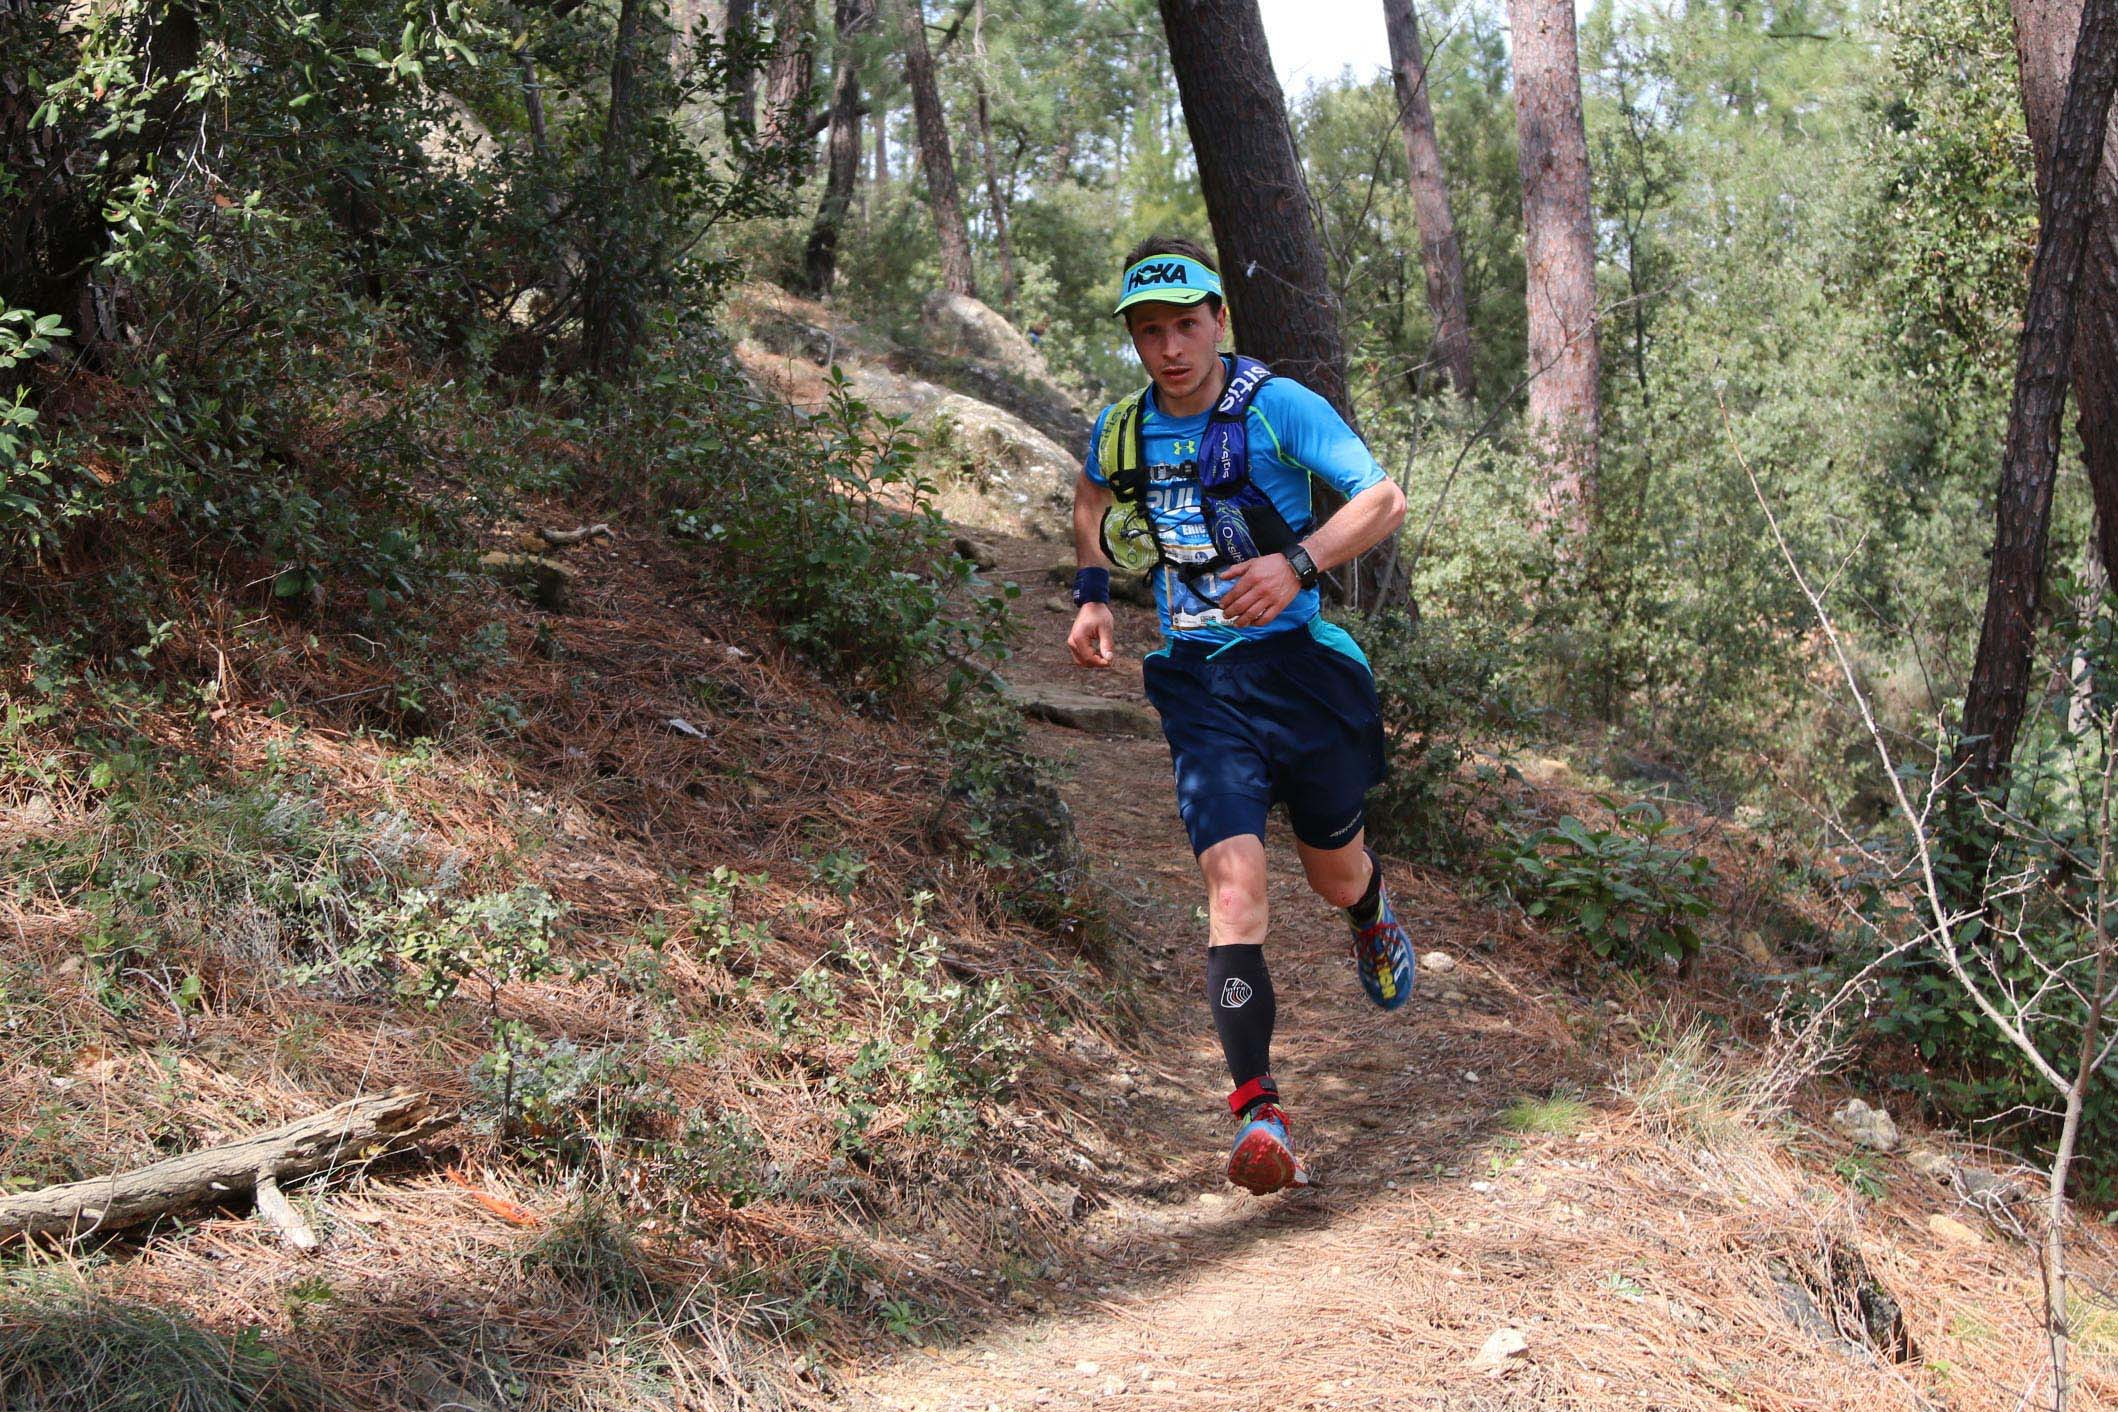 1 Nicolas Martin 46 km trail du Ventoux photo Robert Goin 1 - ERGYSPORT TRAIL DU VENTOUX 18-03-2018 : UN POINT SUR LES PRINCIPAUX FAVORIS